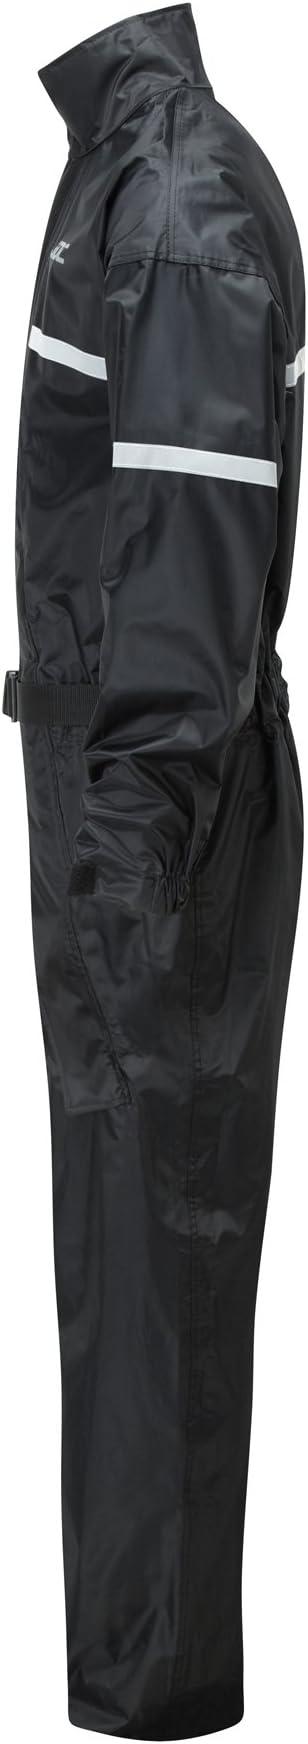 32L Amarillo//Negro SHIELD XXL JDC Traje Impermeable Moto Lluvia Sobre Traje 1PC 1 Pieza